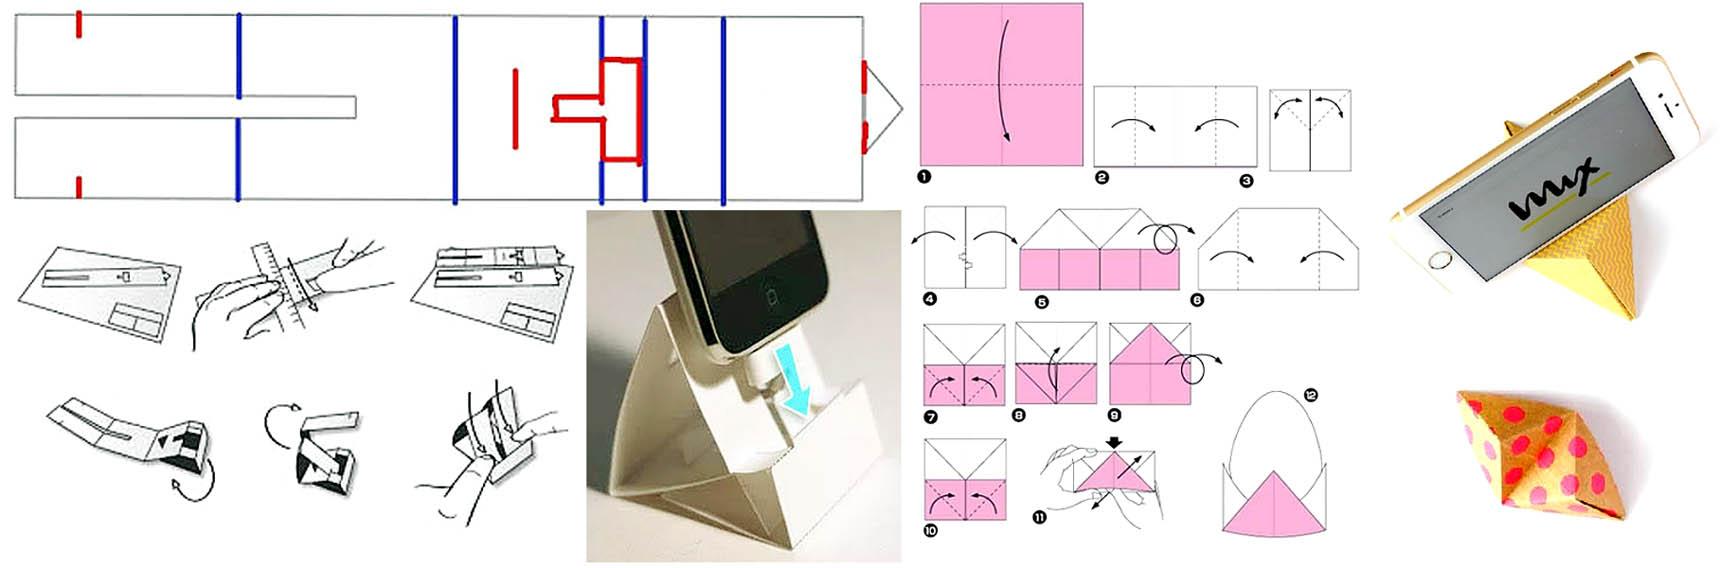 วิธีการให้การสนับสนุนภายใต้โทรศัพท์จากกระดาษ